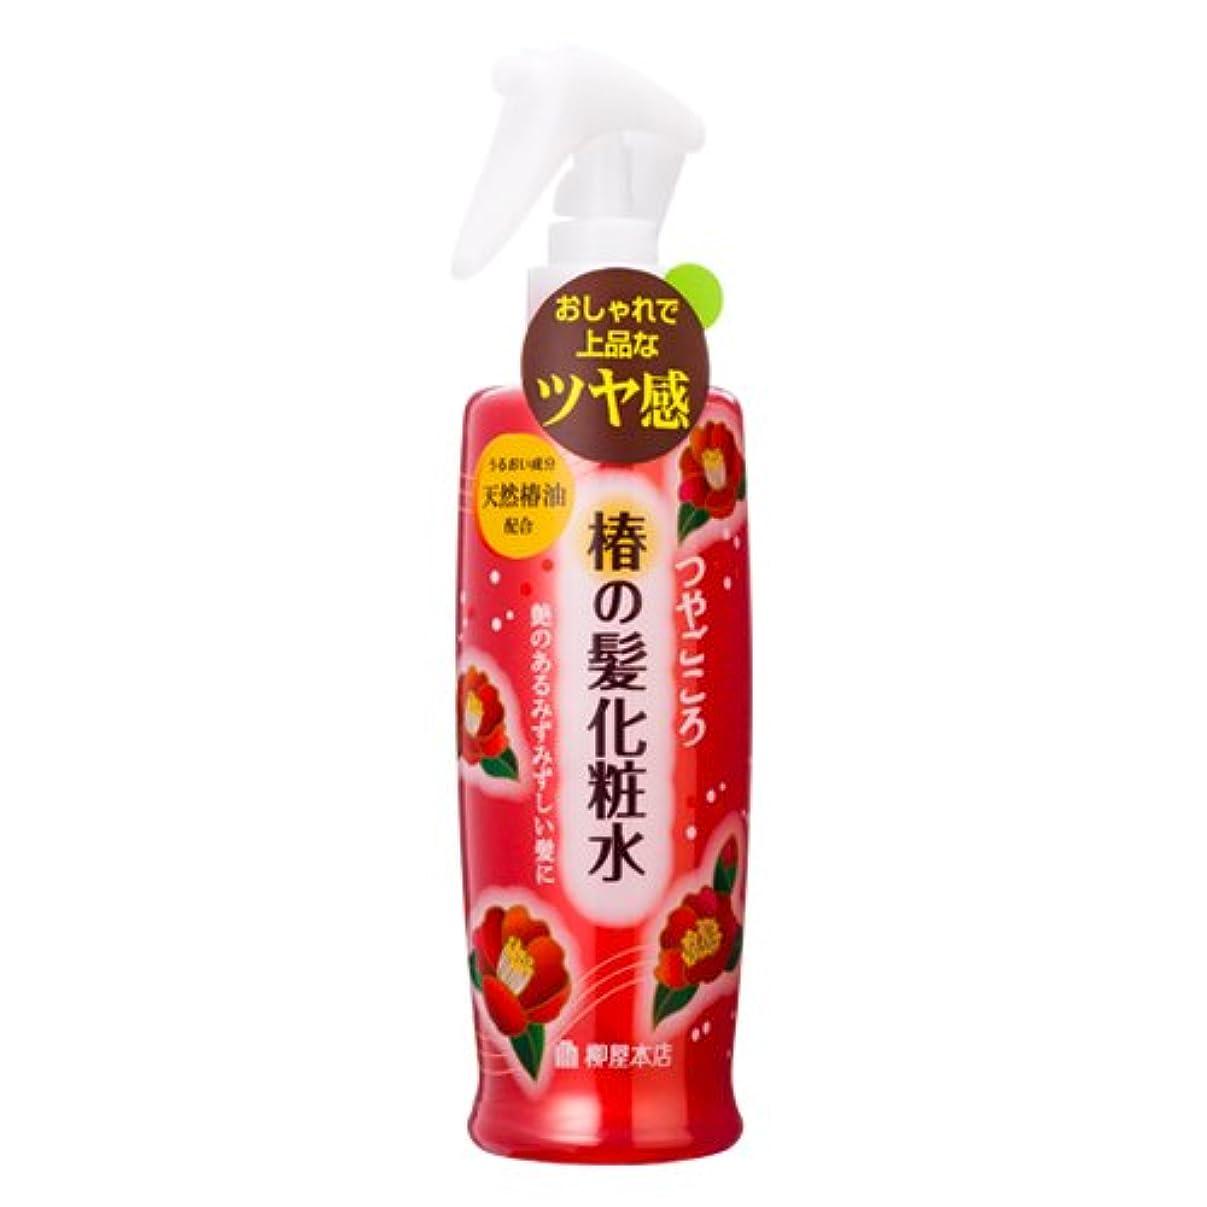 若い値横たわるつやごころ 椿の髪化粧水250ml